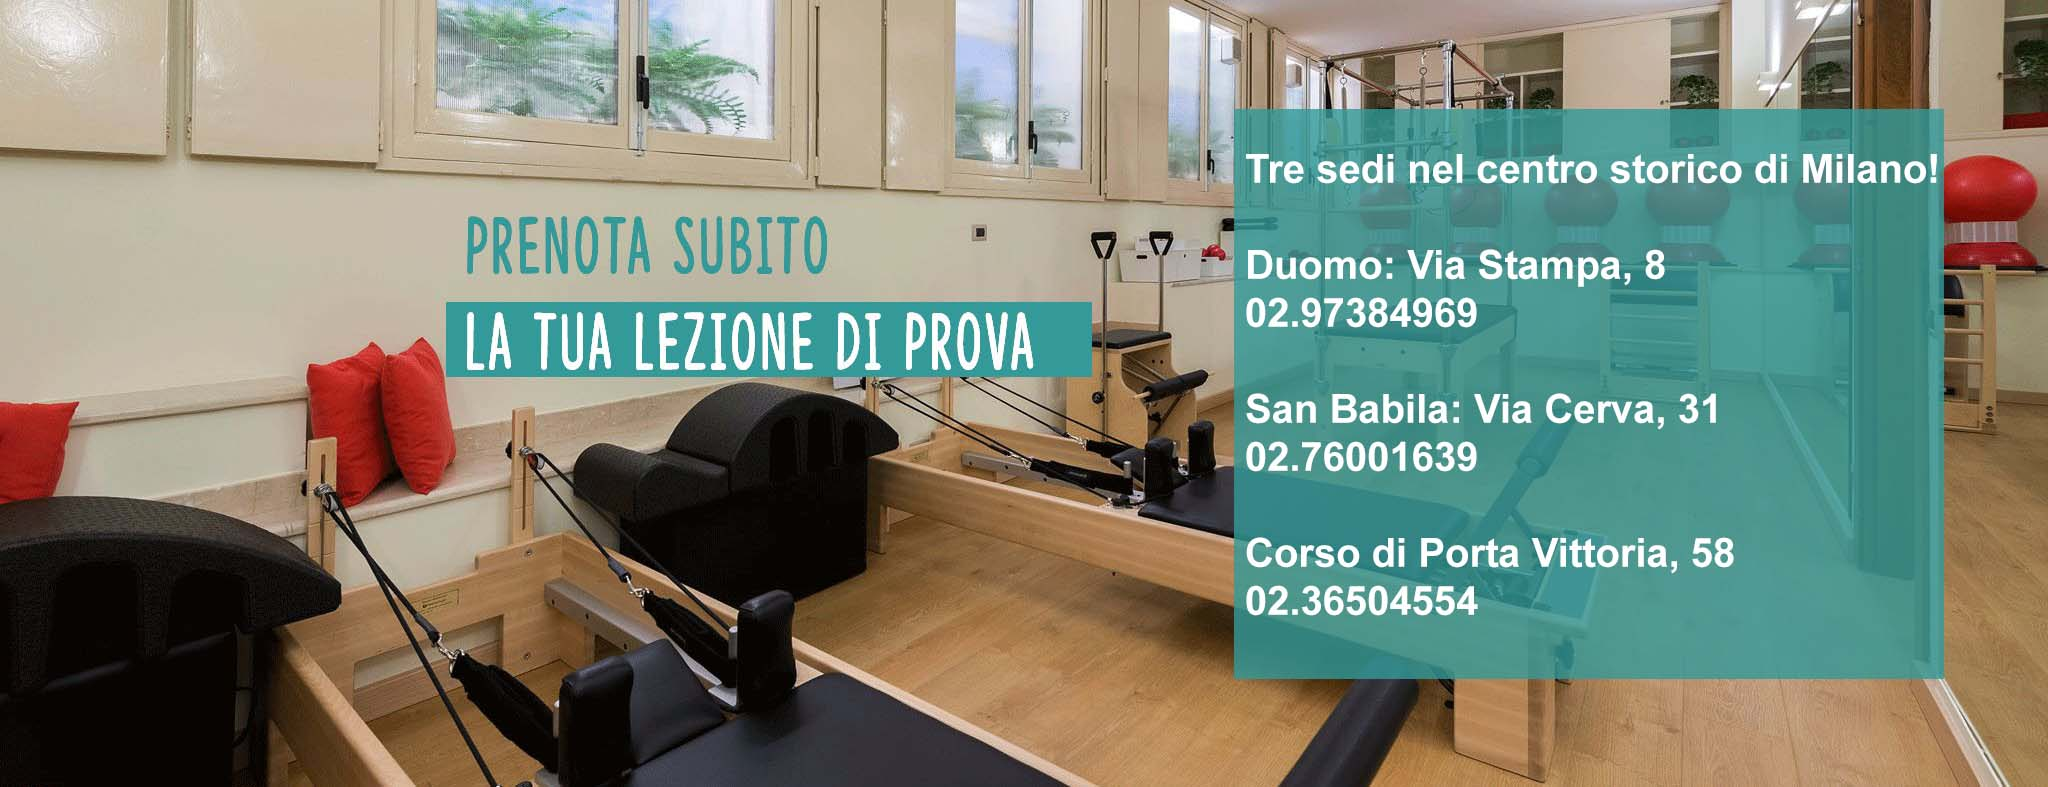 Lezioni Pilates Milano Municipio 1 - Prenota subito la tua lezione di prova